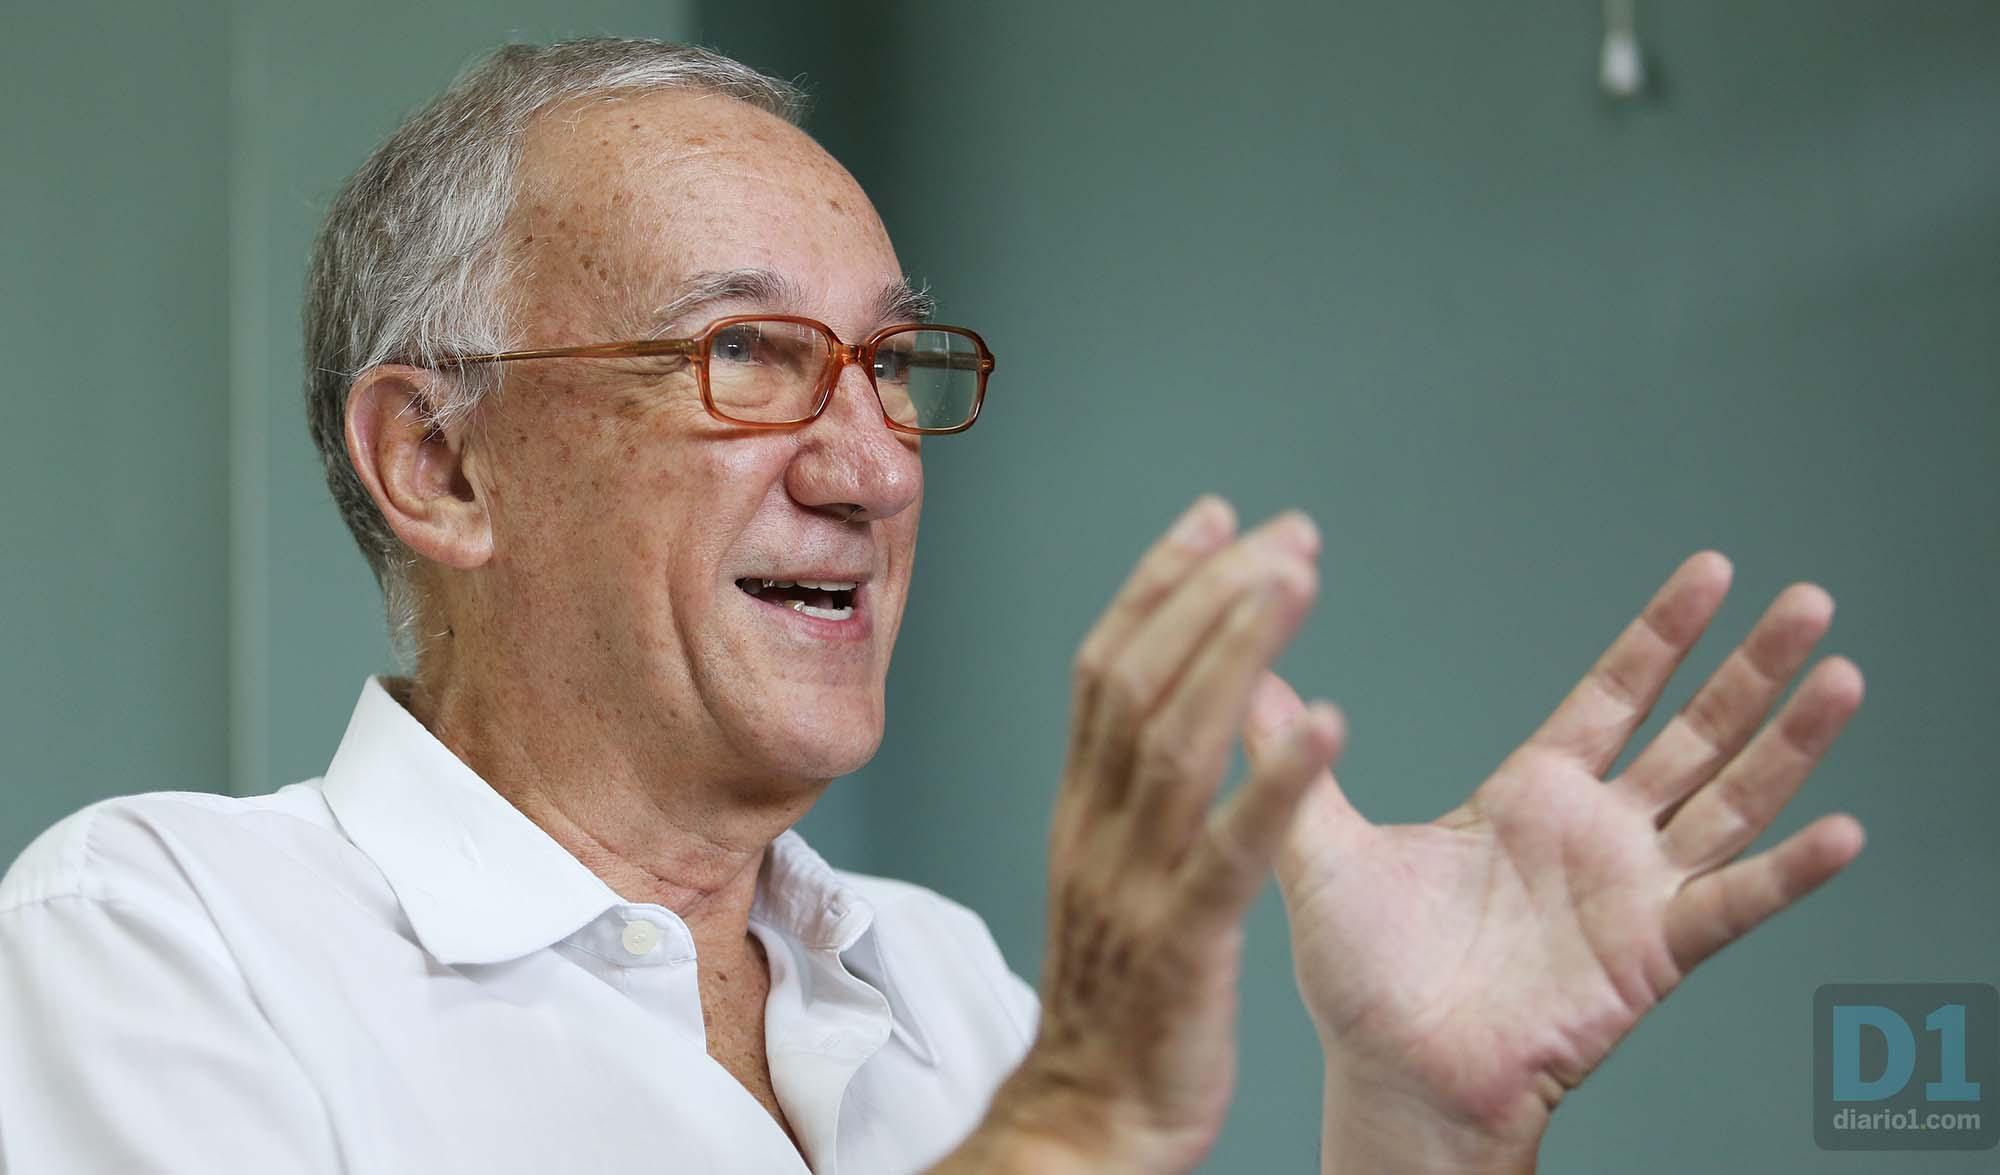 José María Tojeira